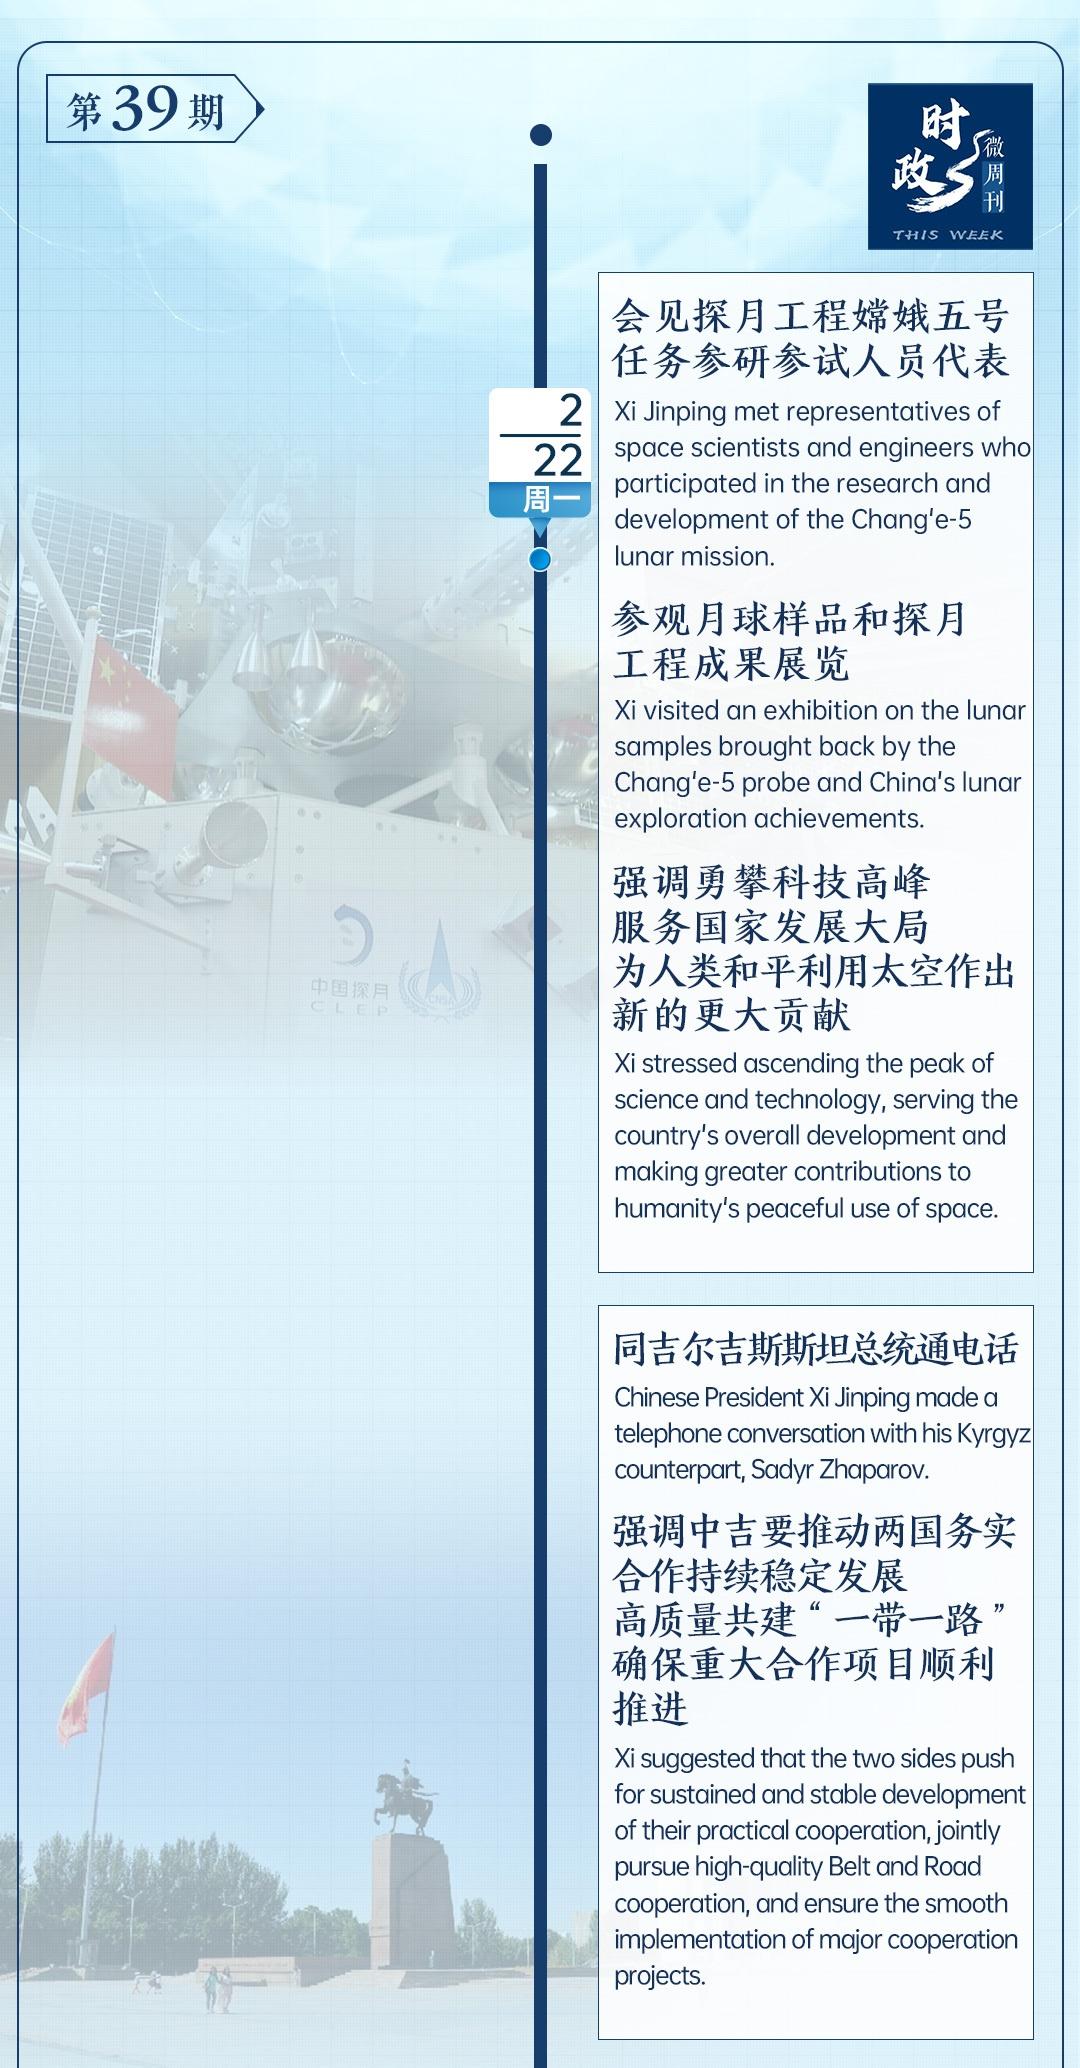 时政微周刊丨总书记的一周(2月22日—2月28日)排行图片新闻